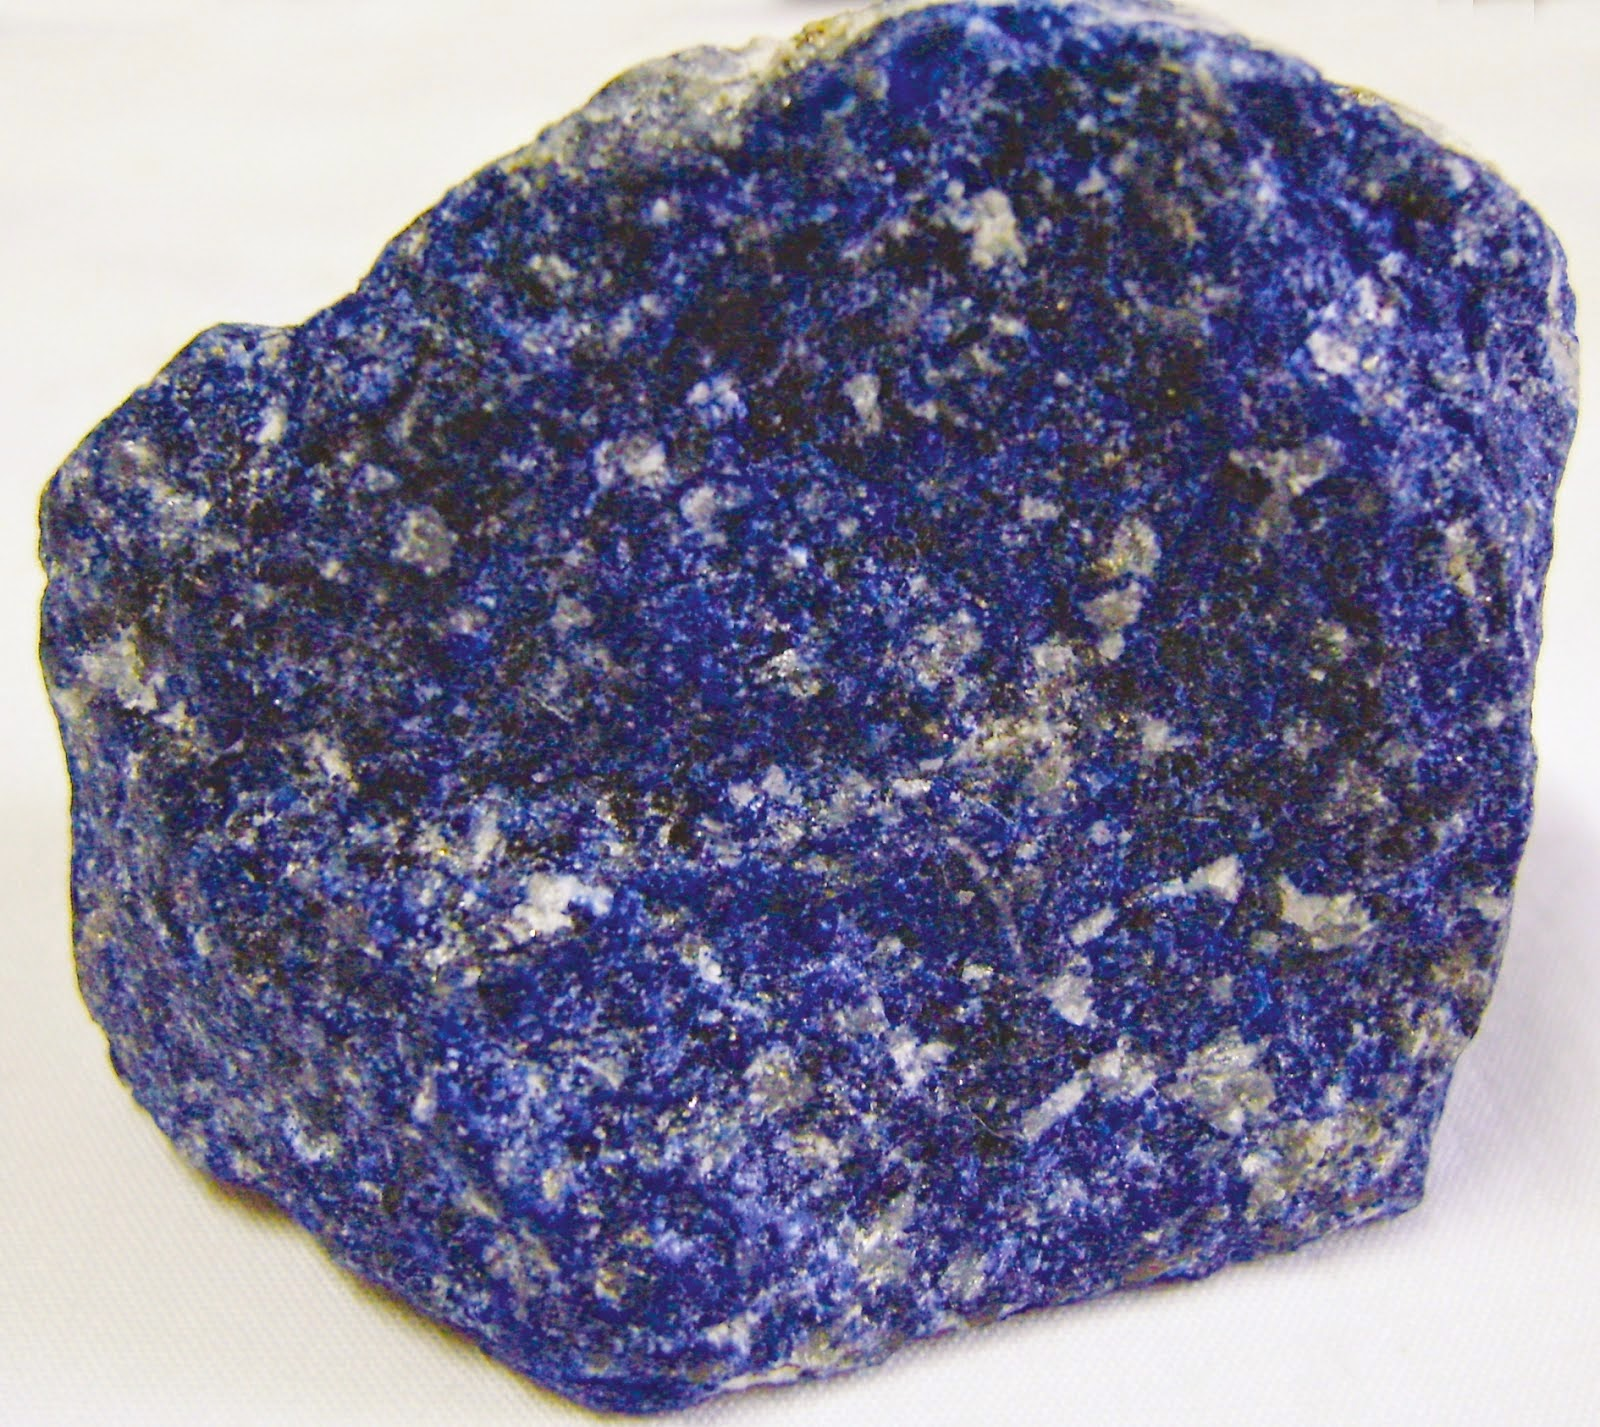 Pedra do cristal pirita azul sobre superfície branca.